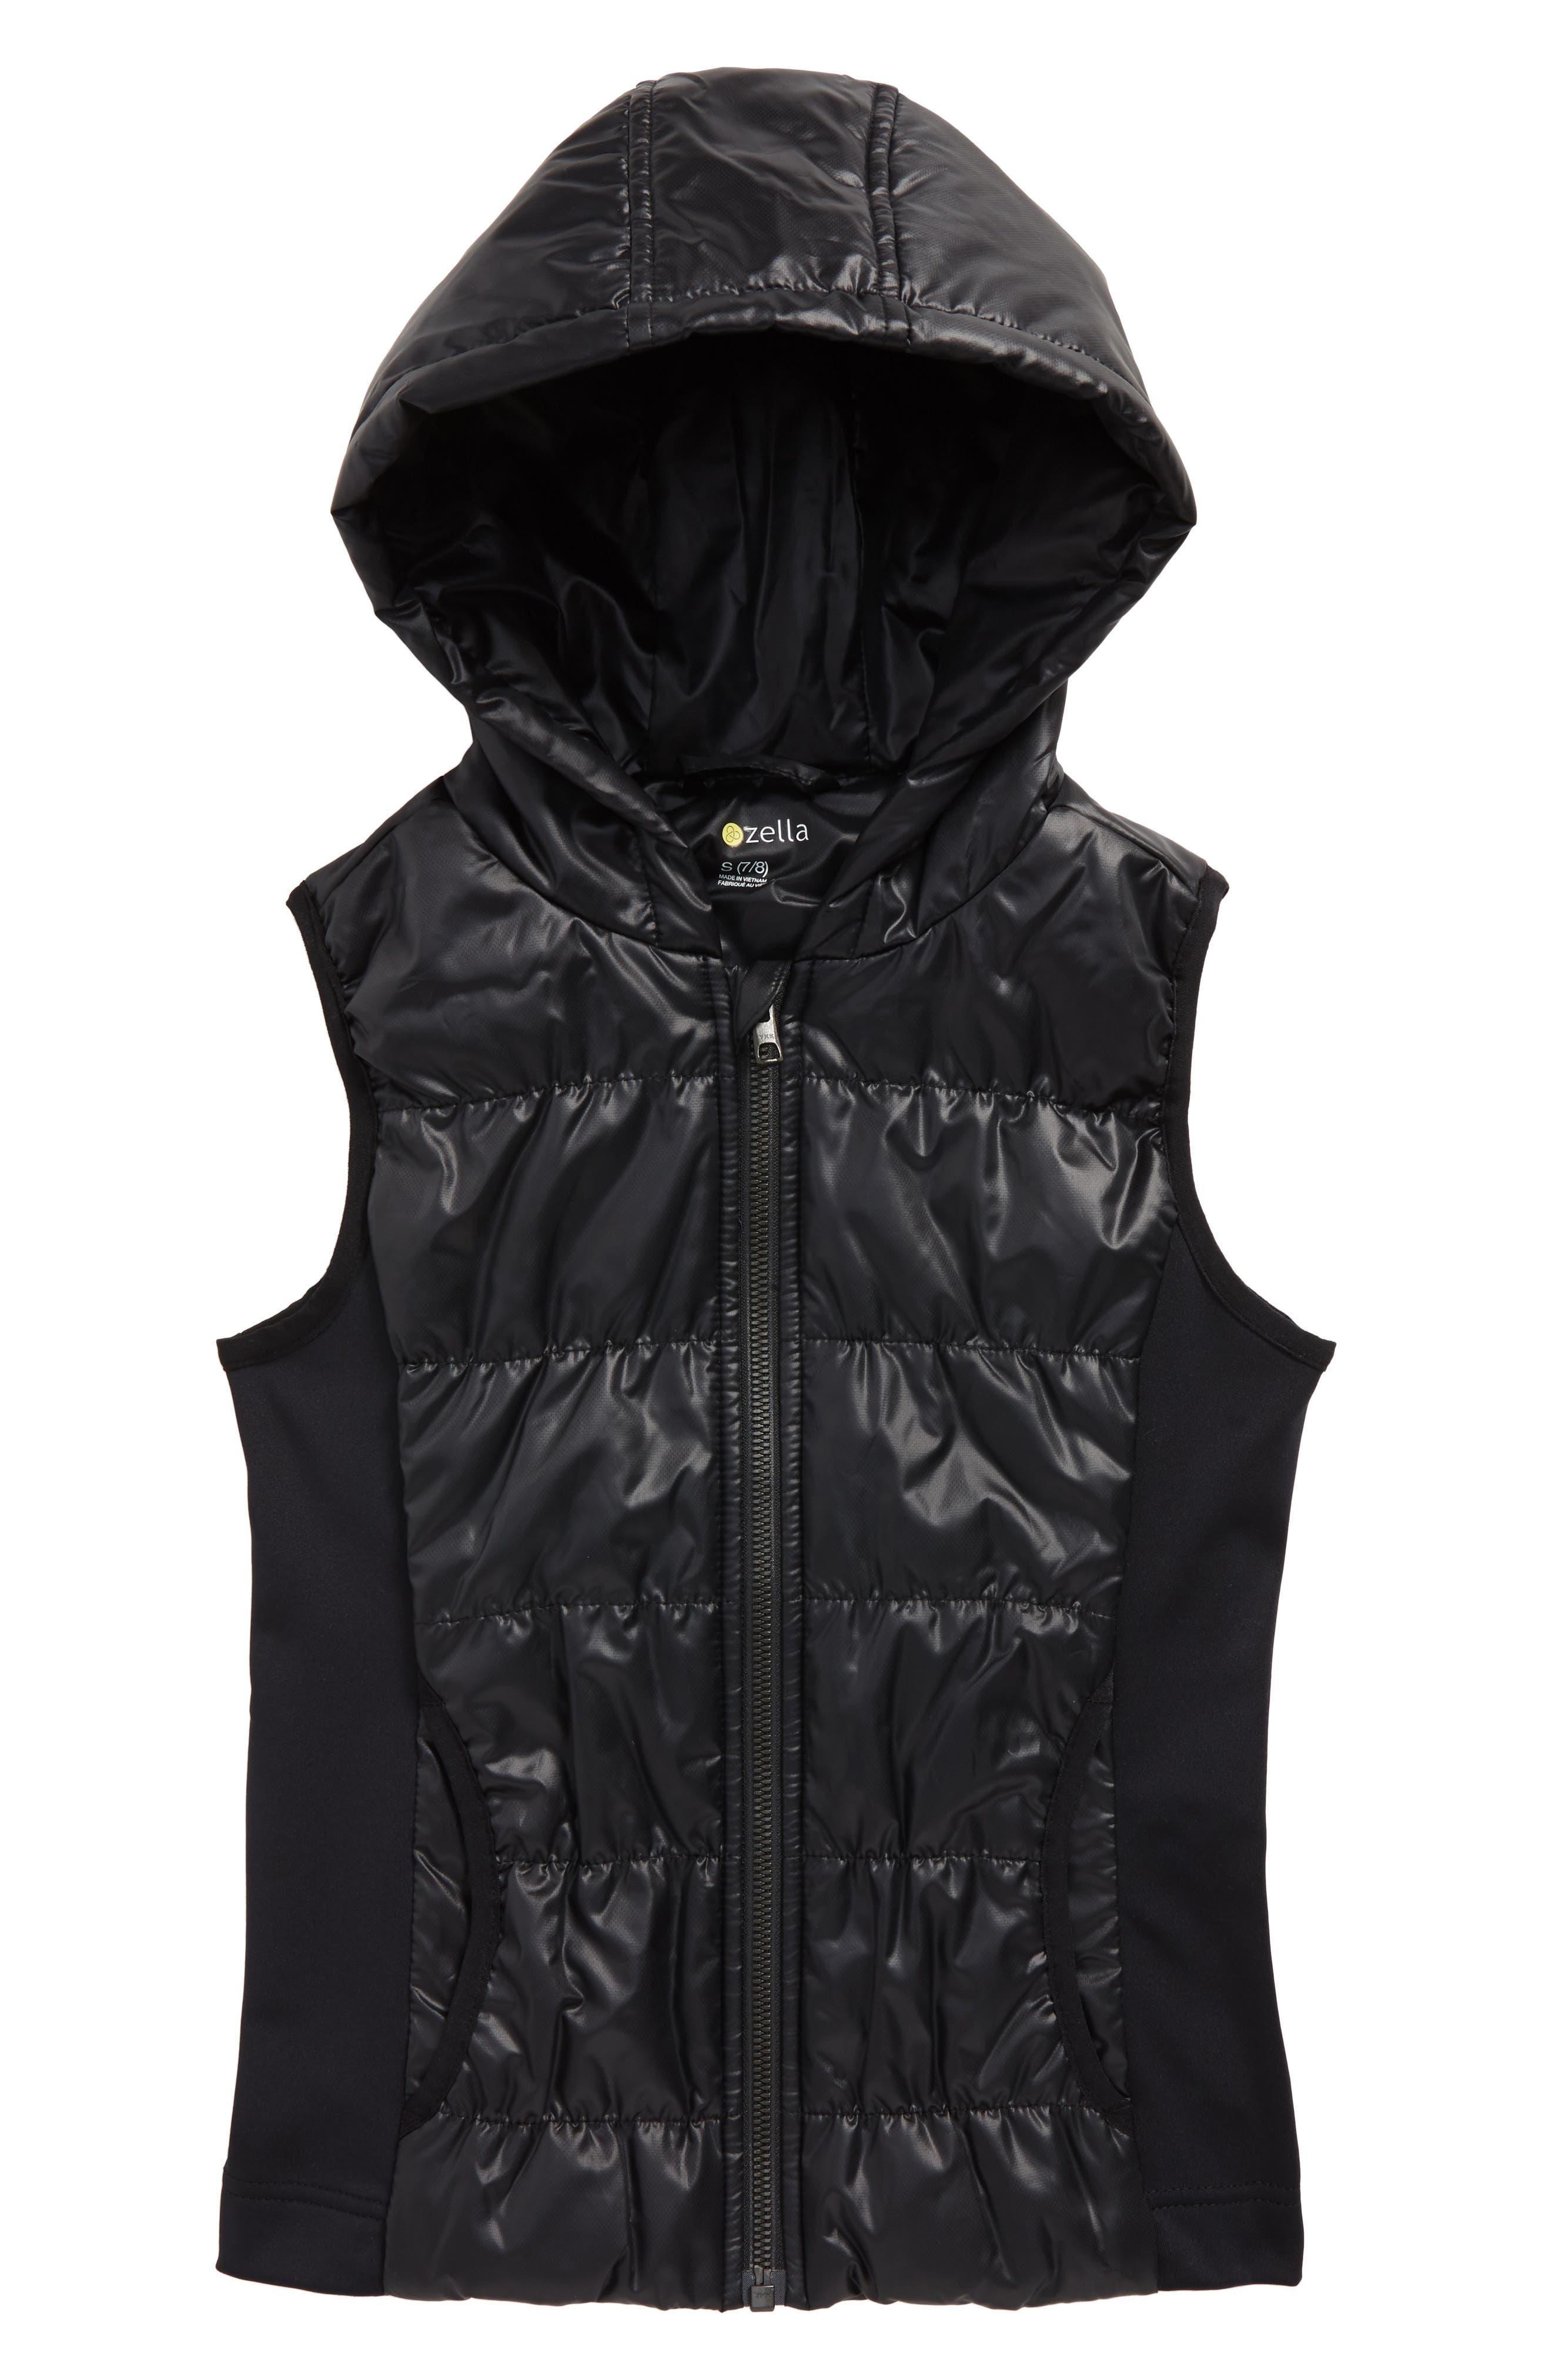 Zella Shine Quilted Hooded Vest (Little Girls & Big Girls)